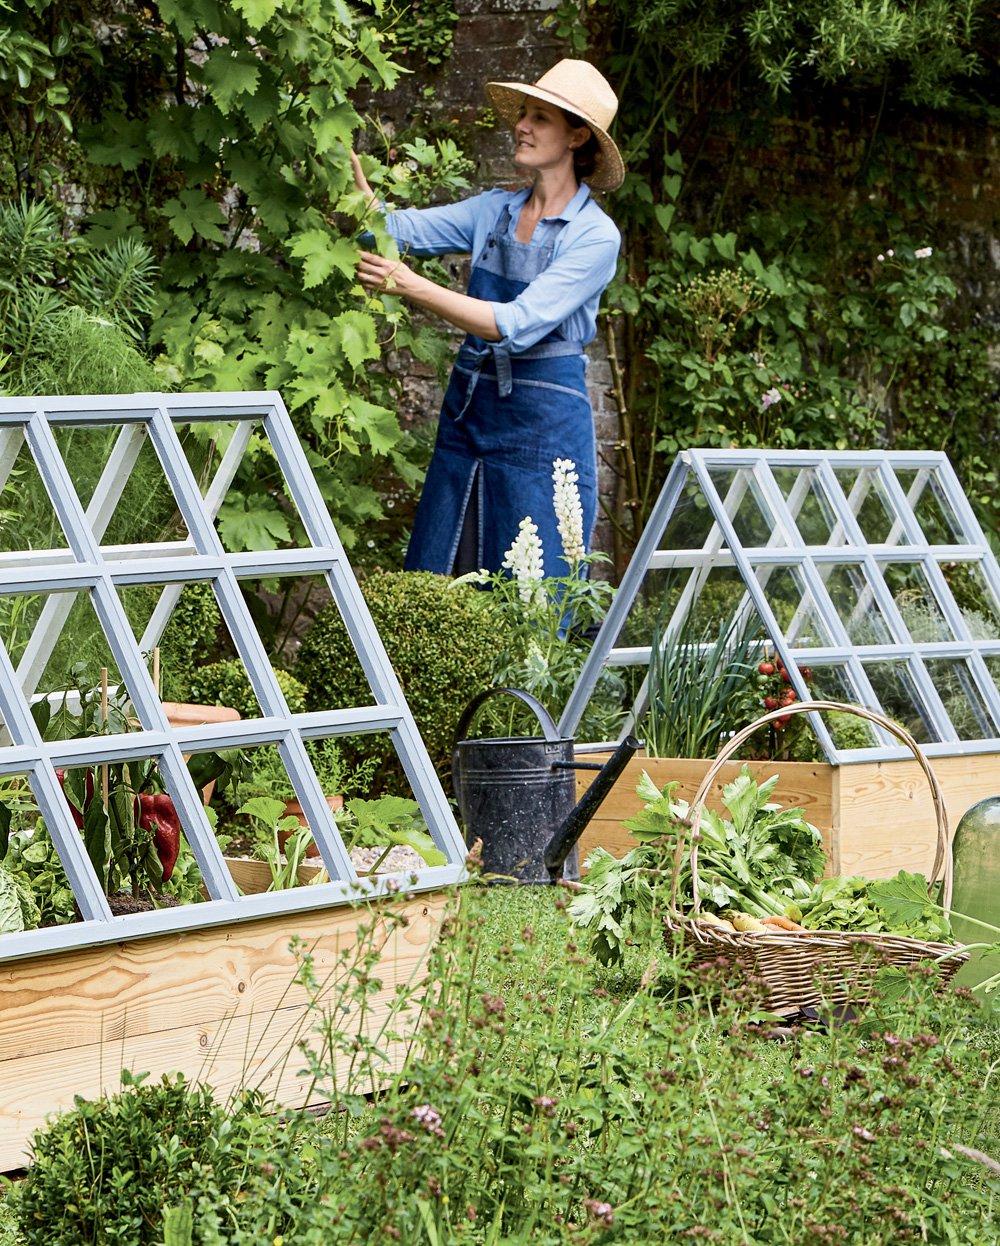 Créer Des Serres Pour Faire Pousser Les Tomates Dans Son ... tout Serre De Jardin Leroy Merlin